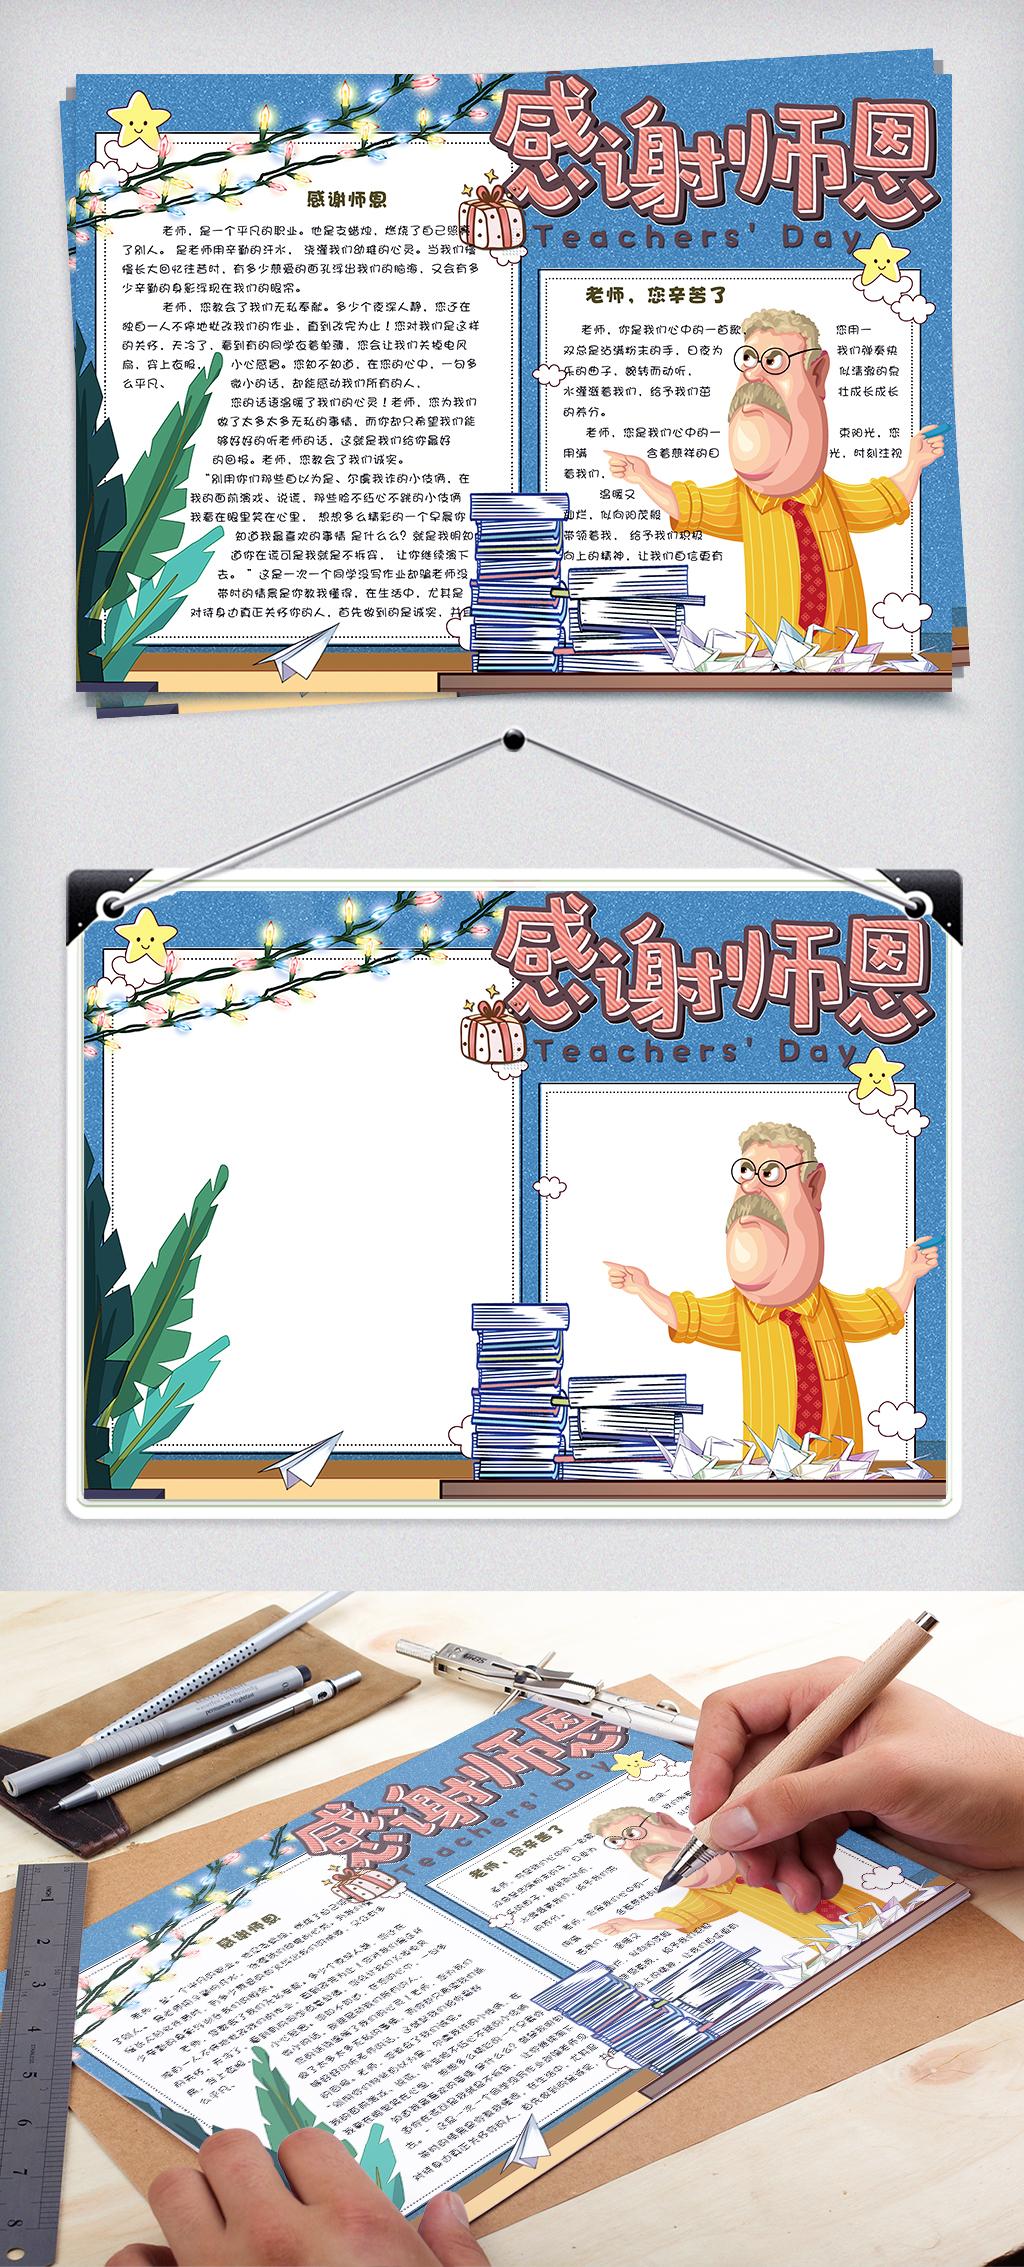 手绘卡通校园教师节小报手抄报电子模板